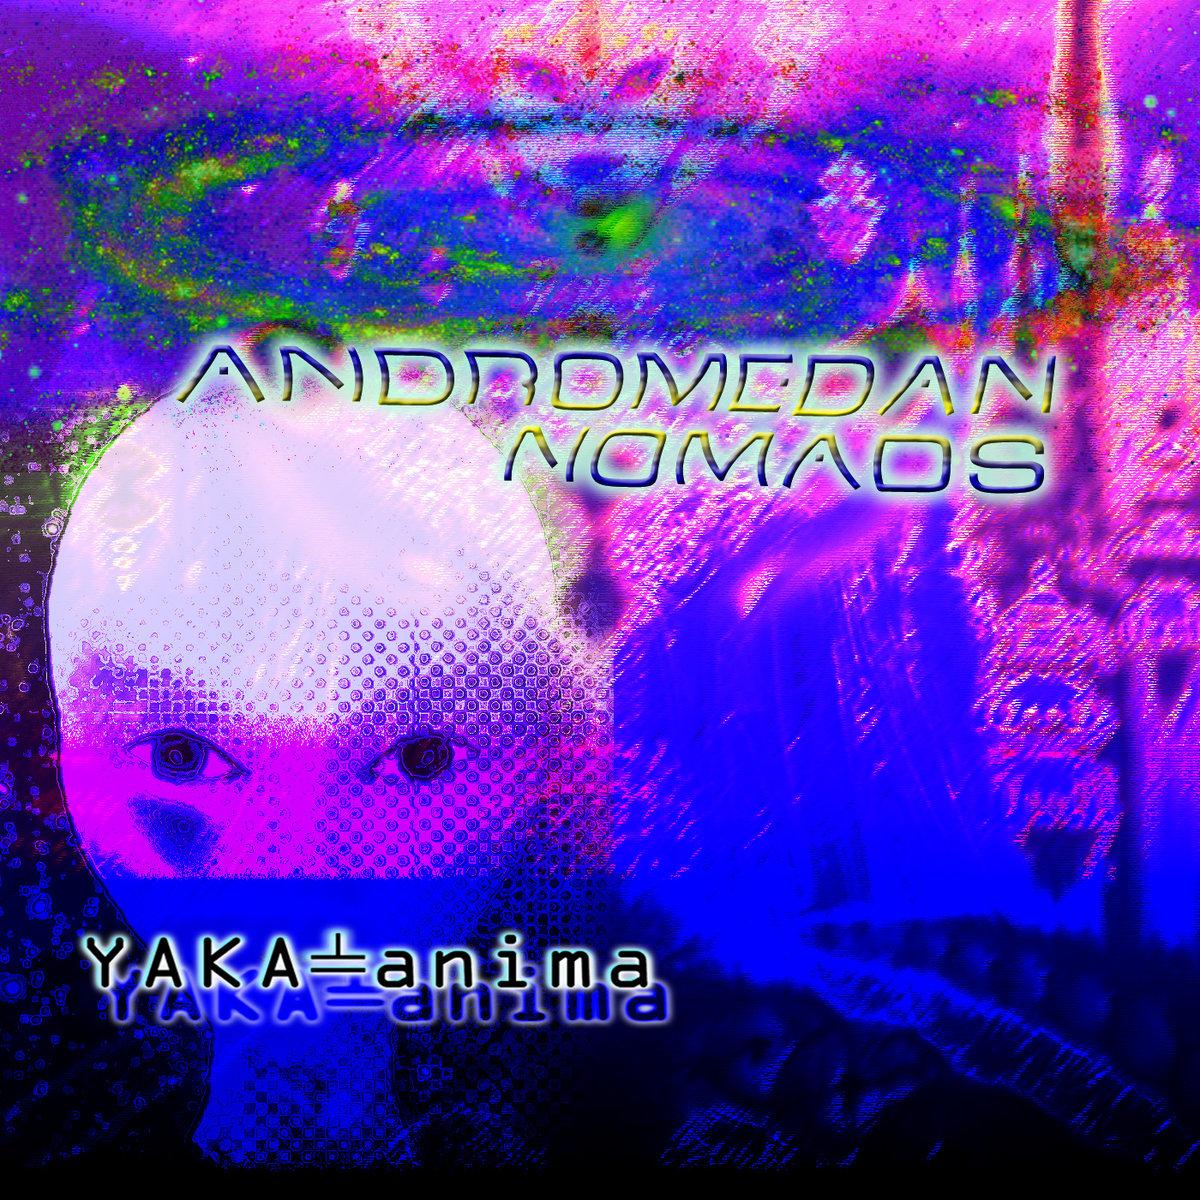 Yaka-anima – Andromedan Nomads